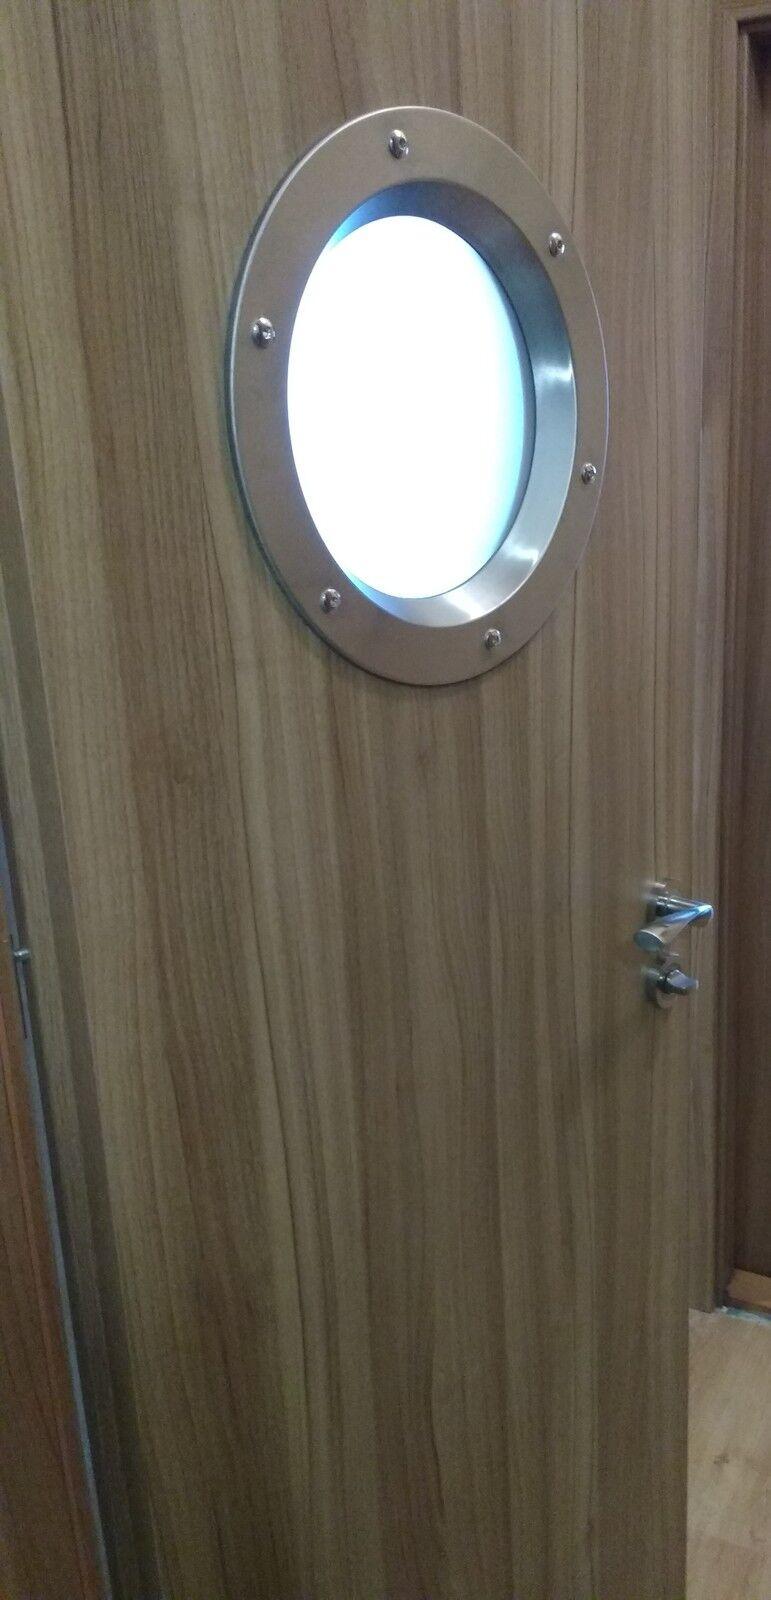 Hublot en acier inoxydable pour portes phi 350 mm. merveilleux. neuf.